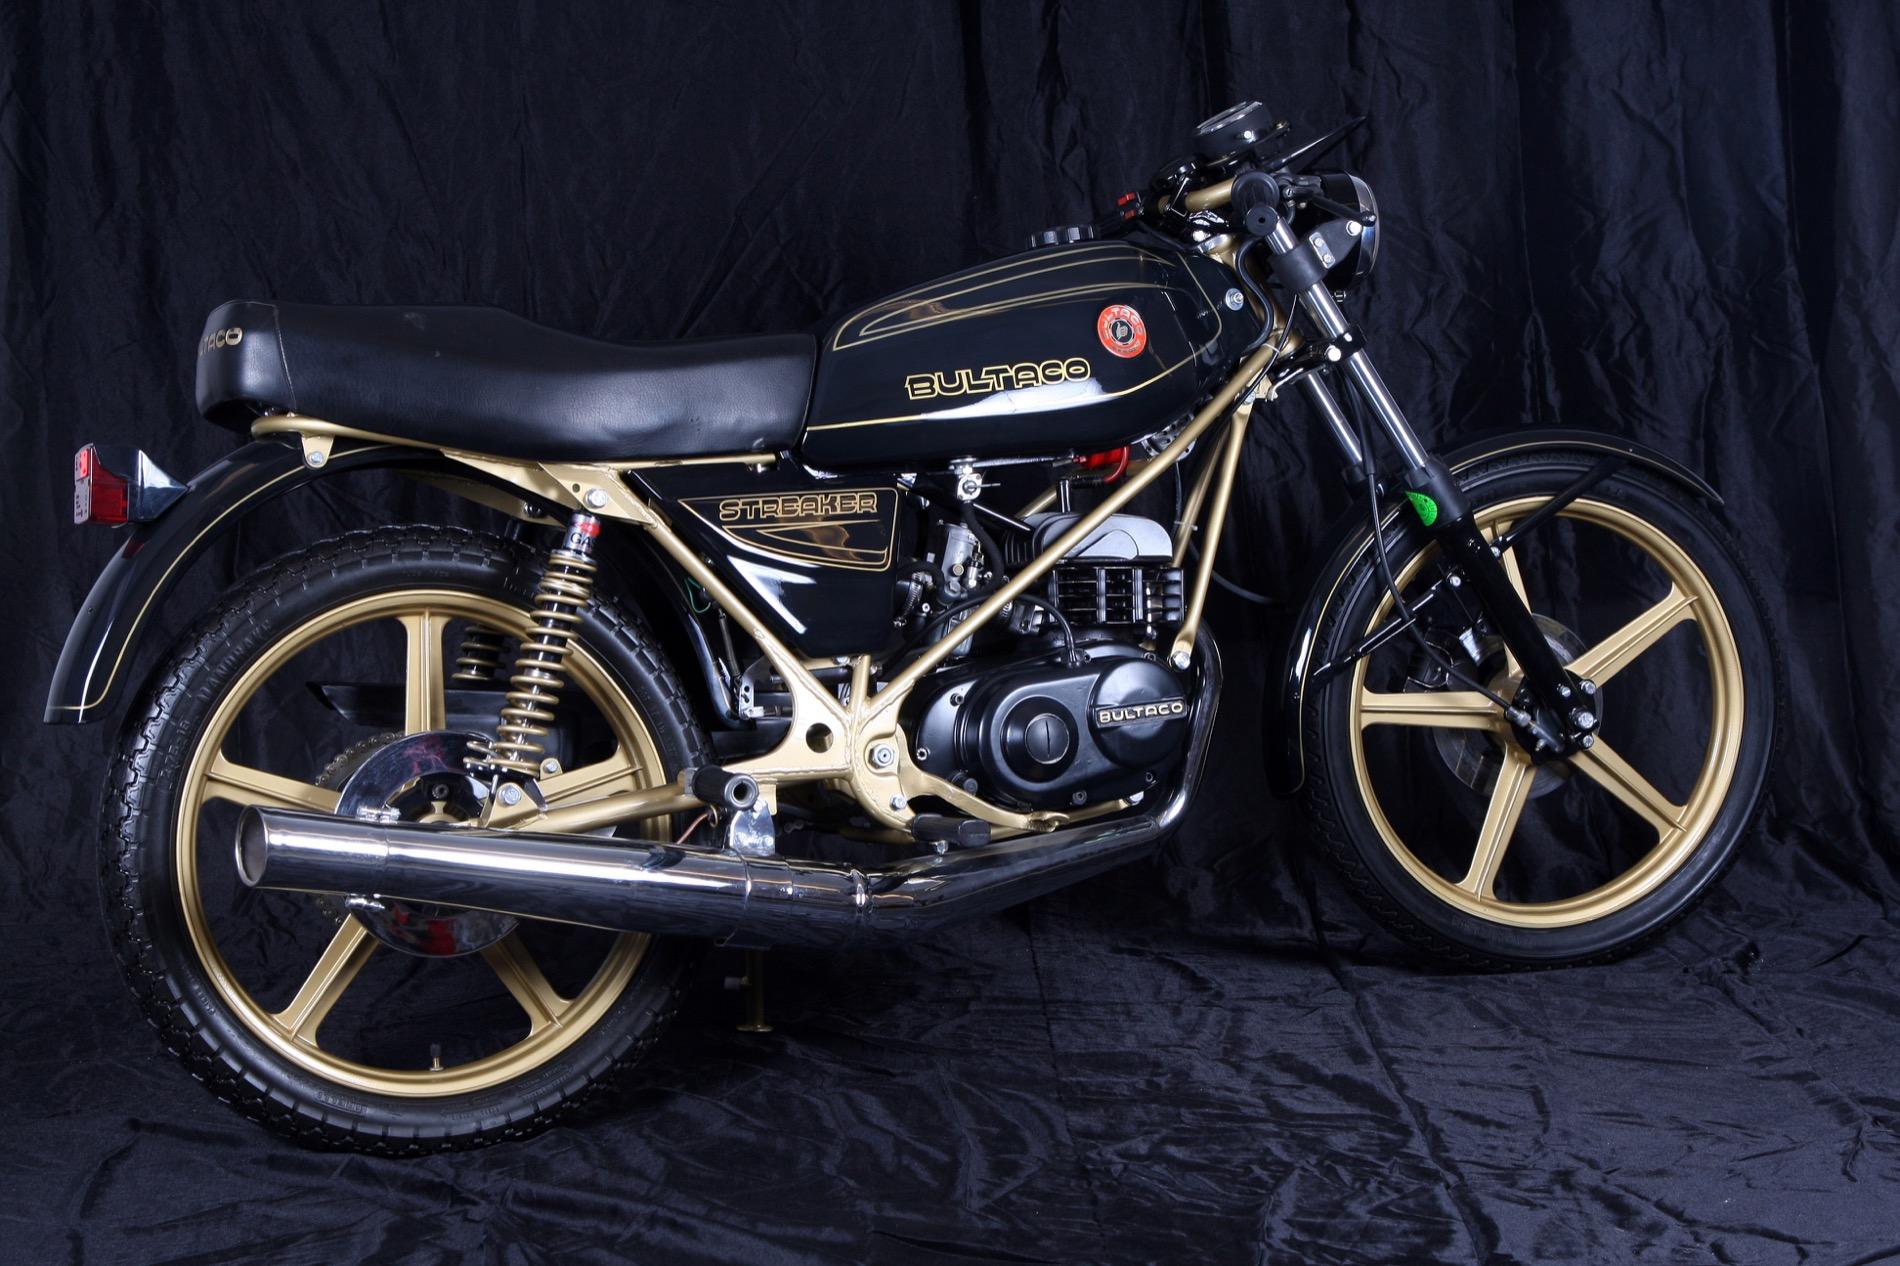 Bultaco Streaker 75/125 1977-1979, la última de las estrellas de Bultaco